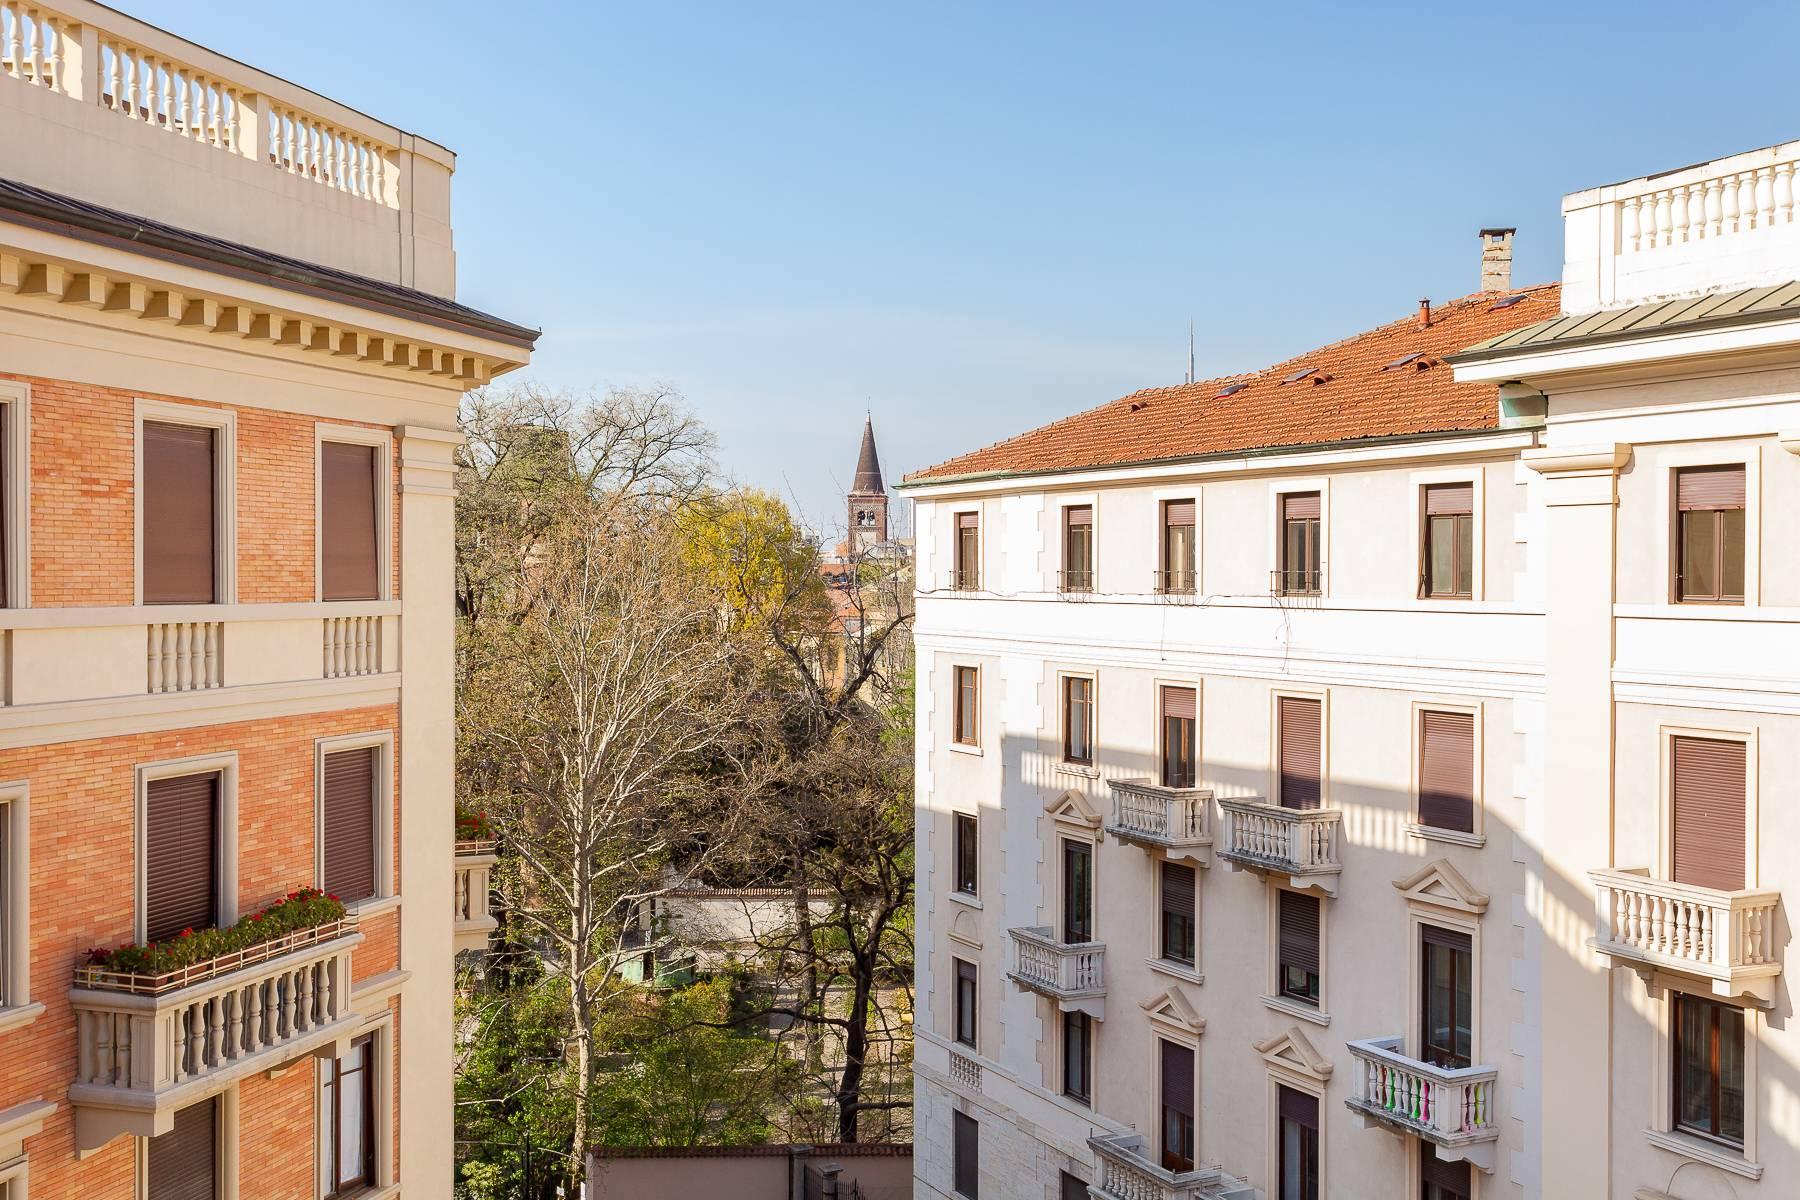 Appartamento esclusivo di 200 mq in nuda proprietà in un palazzo d'epoca - 11